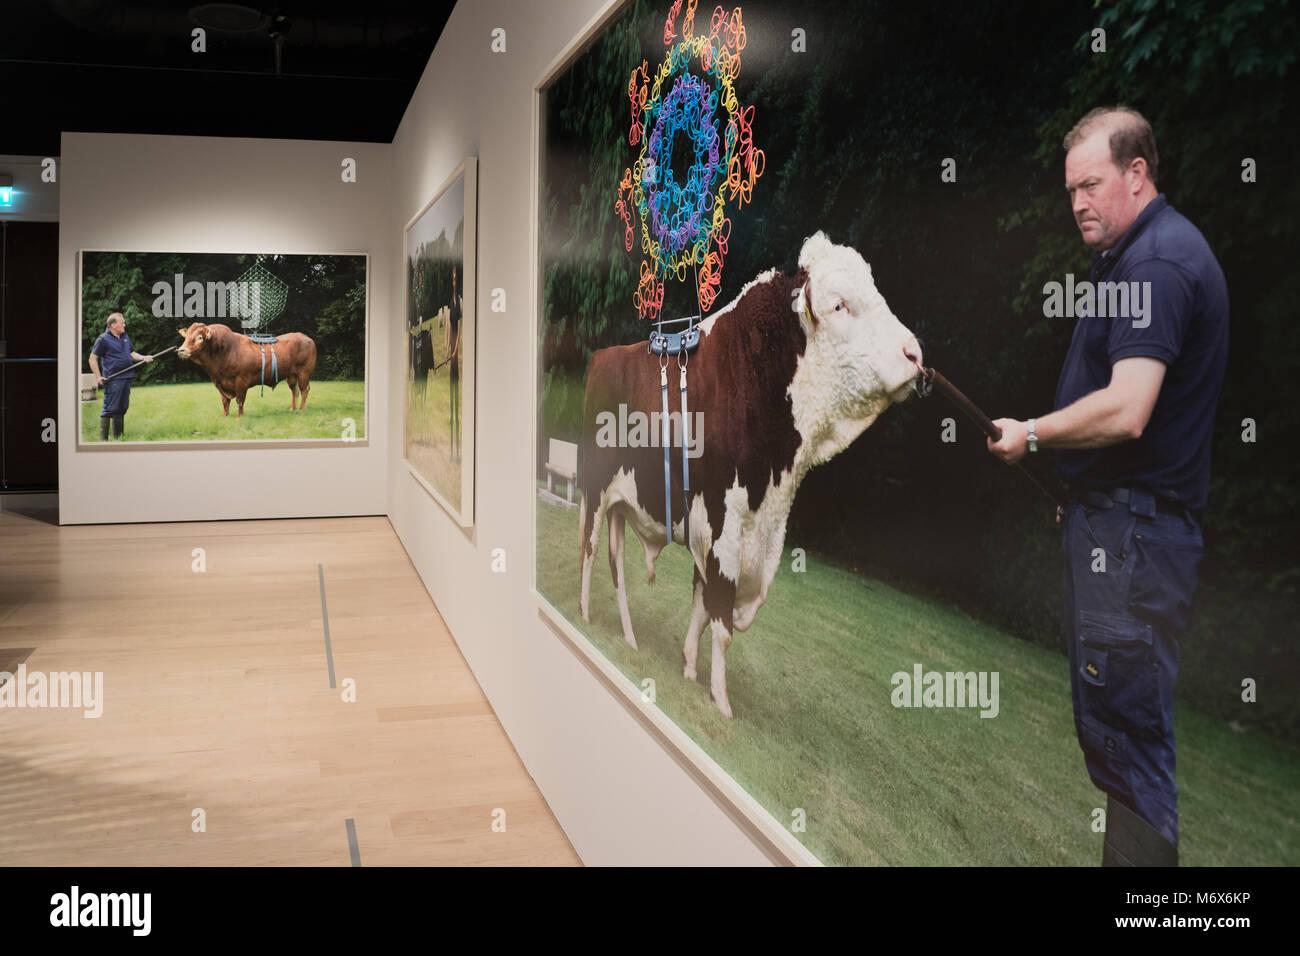 Londra, Regno Unito. Il 7 marzo 2018. Un'installazione chiamato Sire, da Maria McKinney, da qualche parte tra Immagini Stock